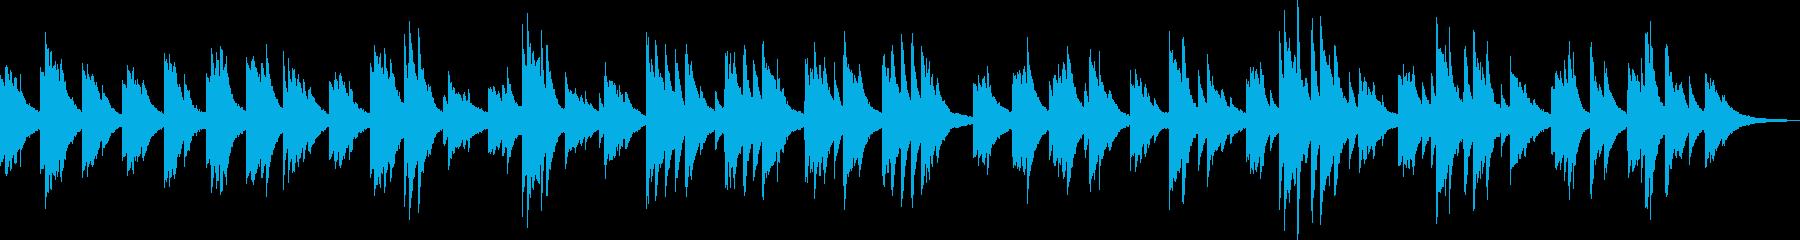 そっと吹き抜ける風(ピアノ、爽やか)の再生済みの波形